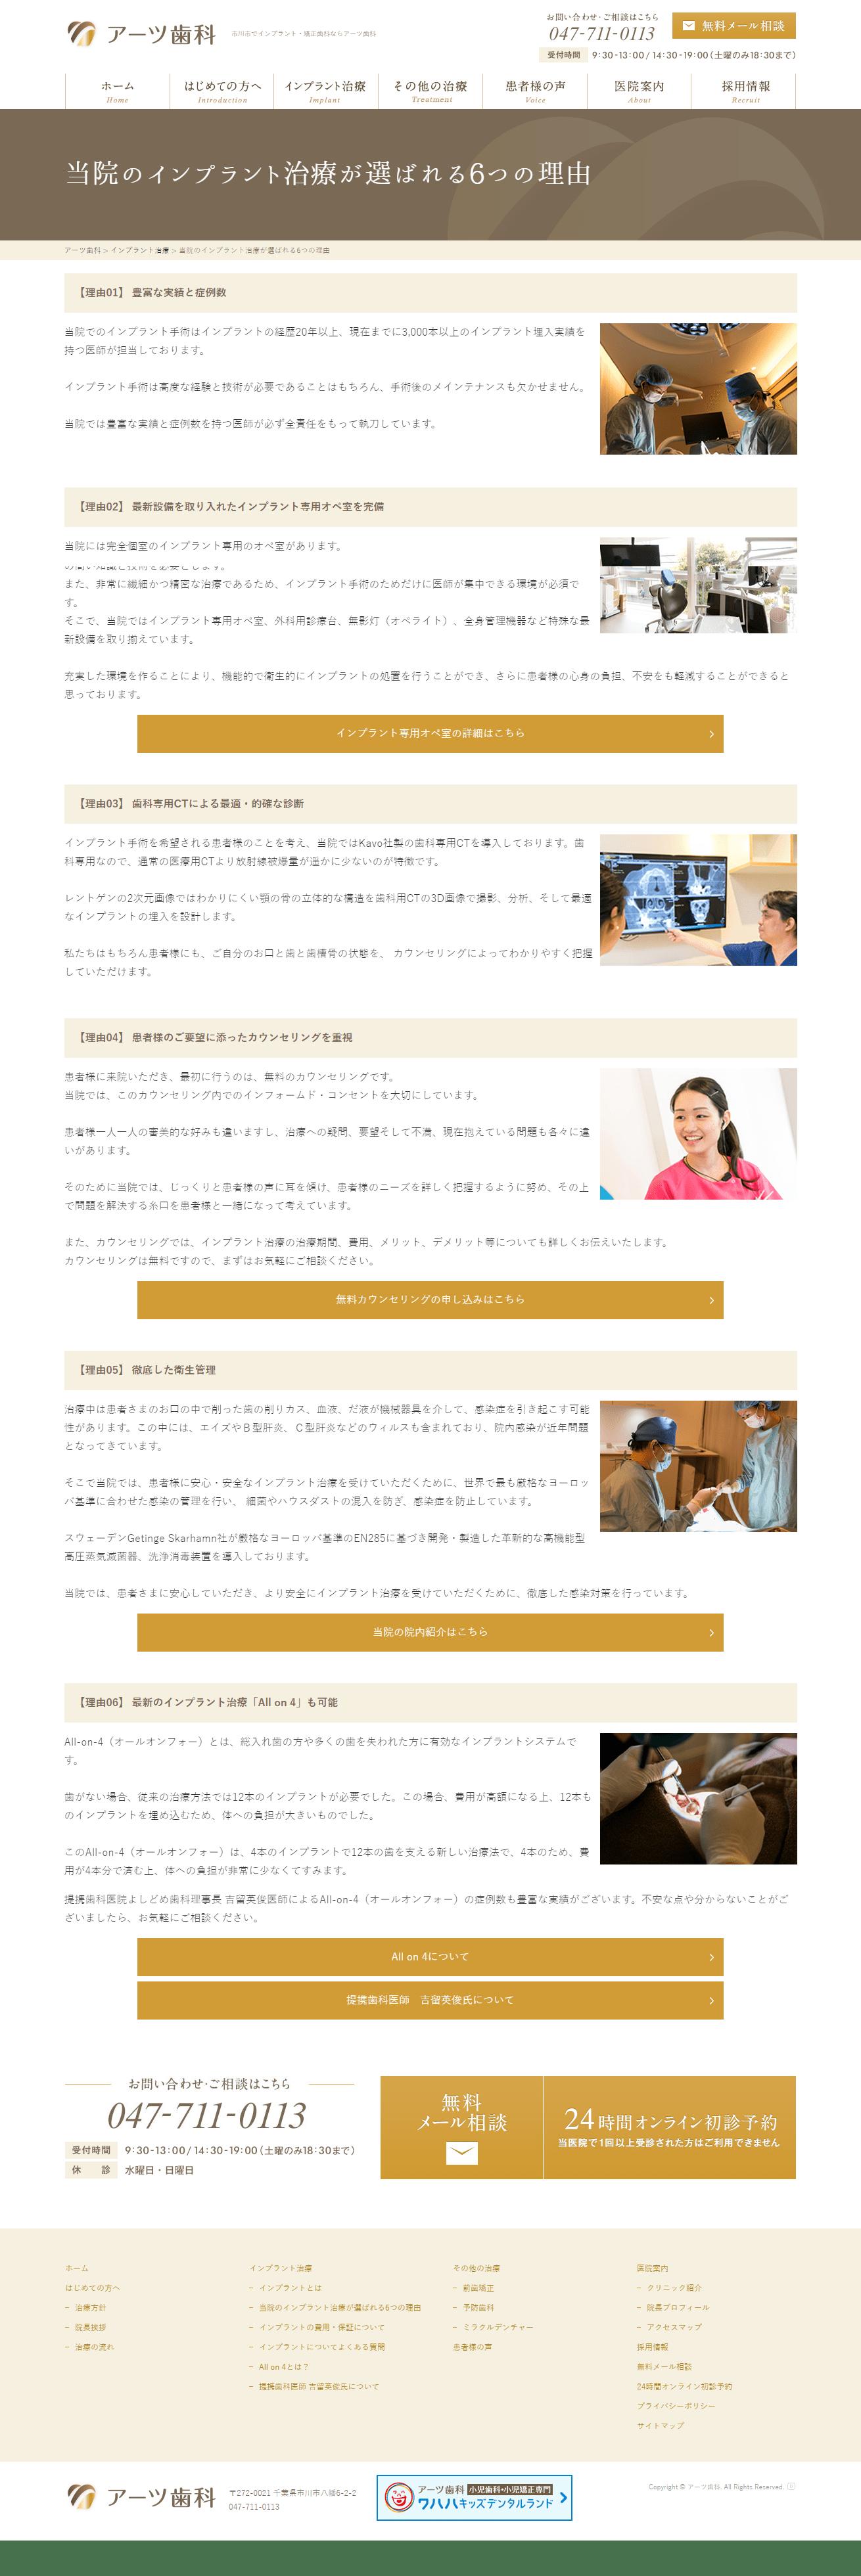 市川市 アーツ歯科様 ホームページ制作2